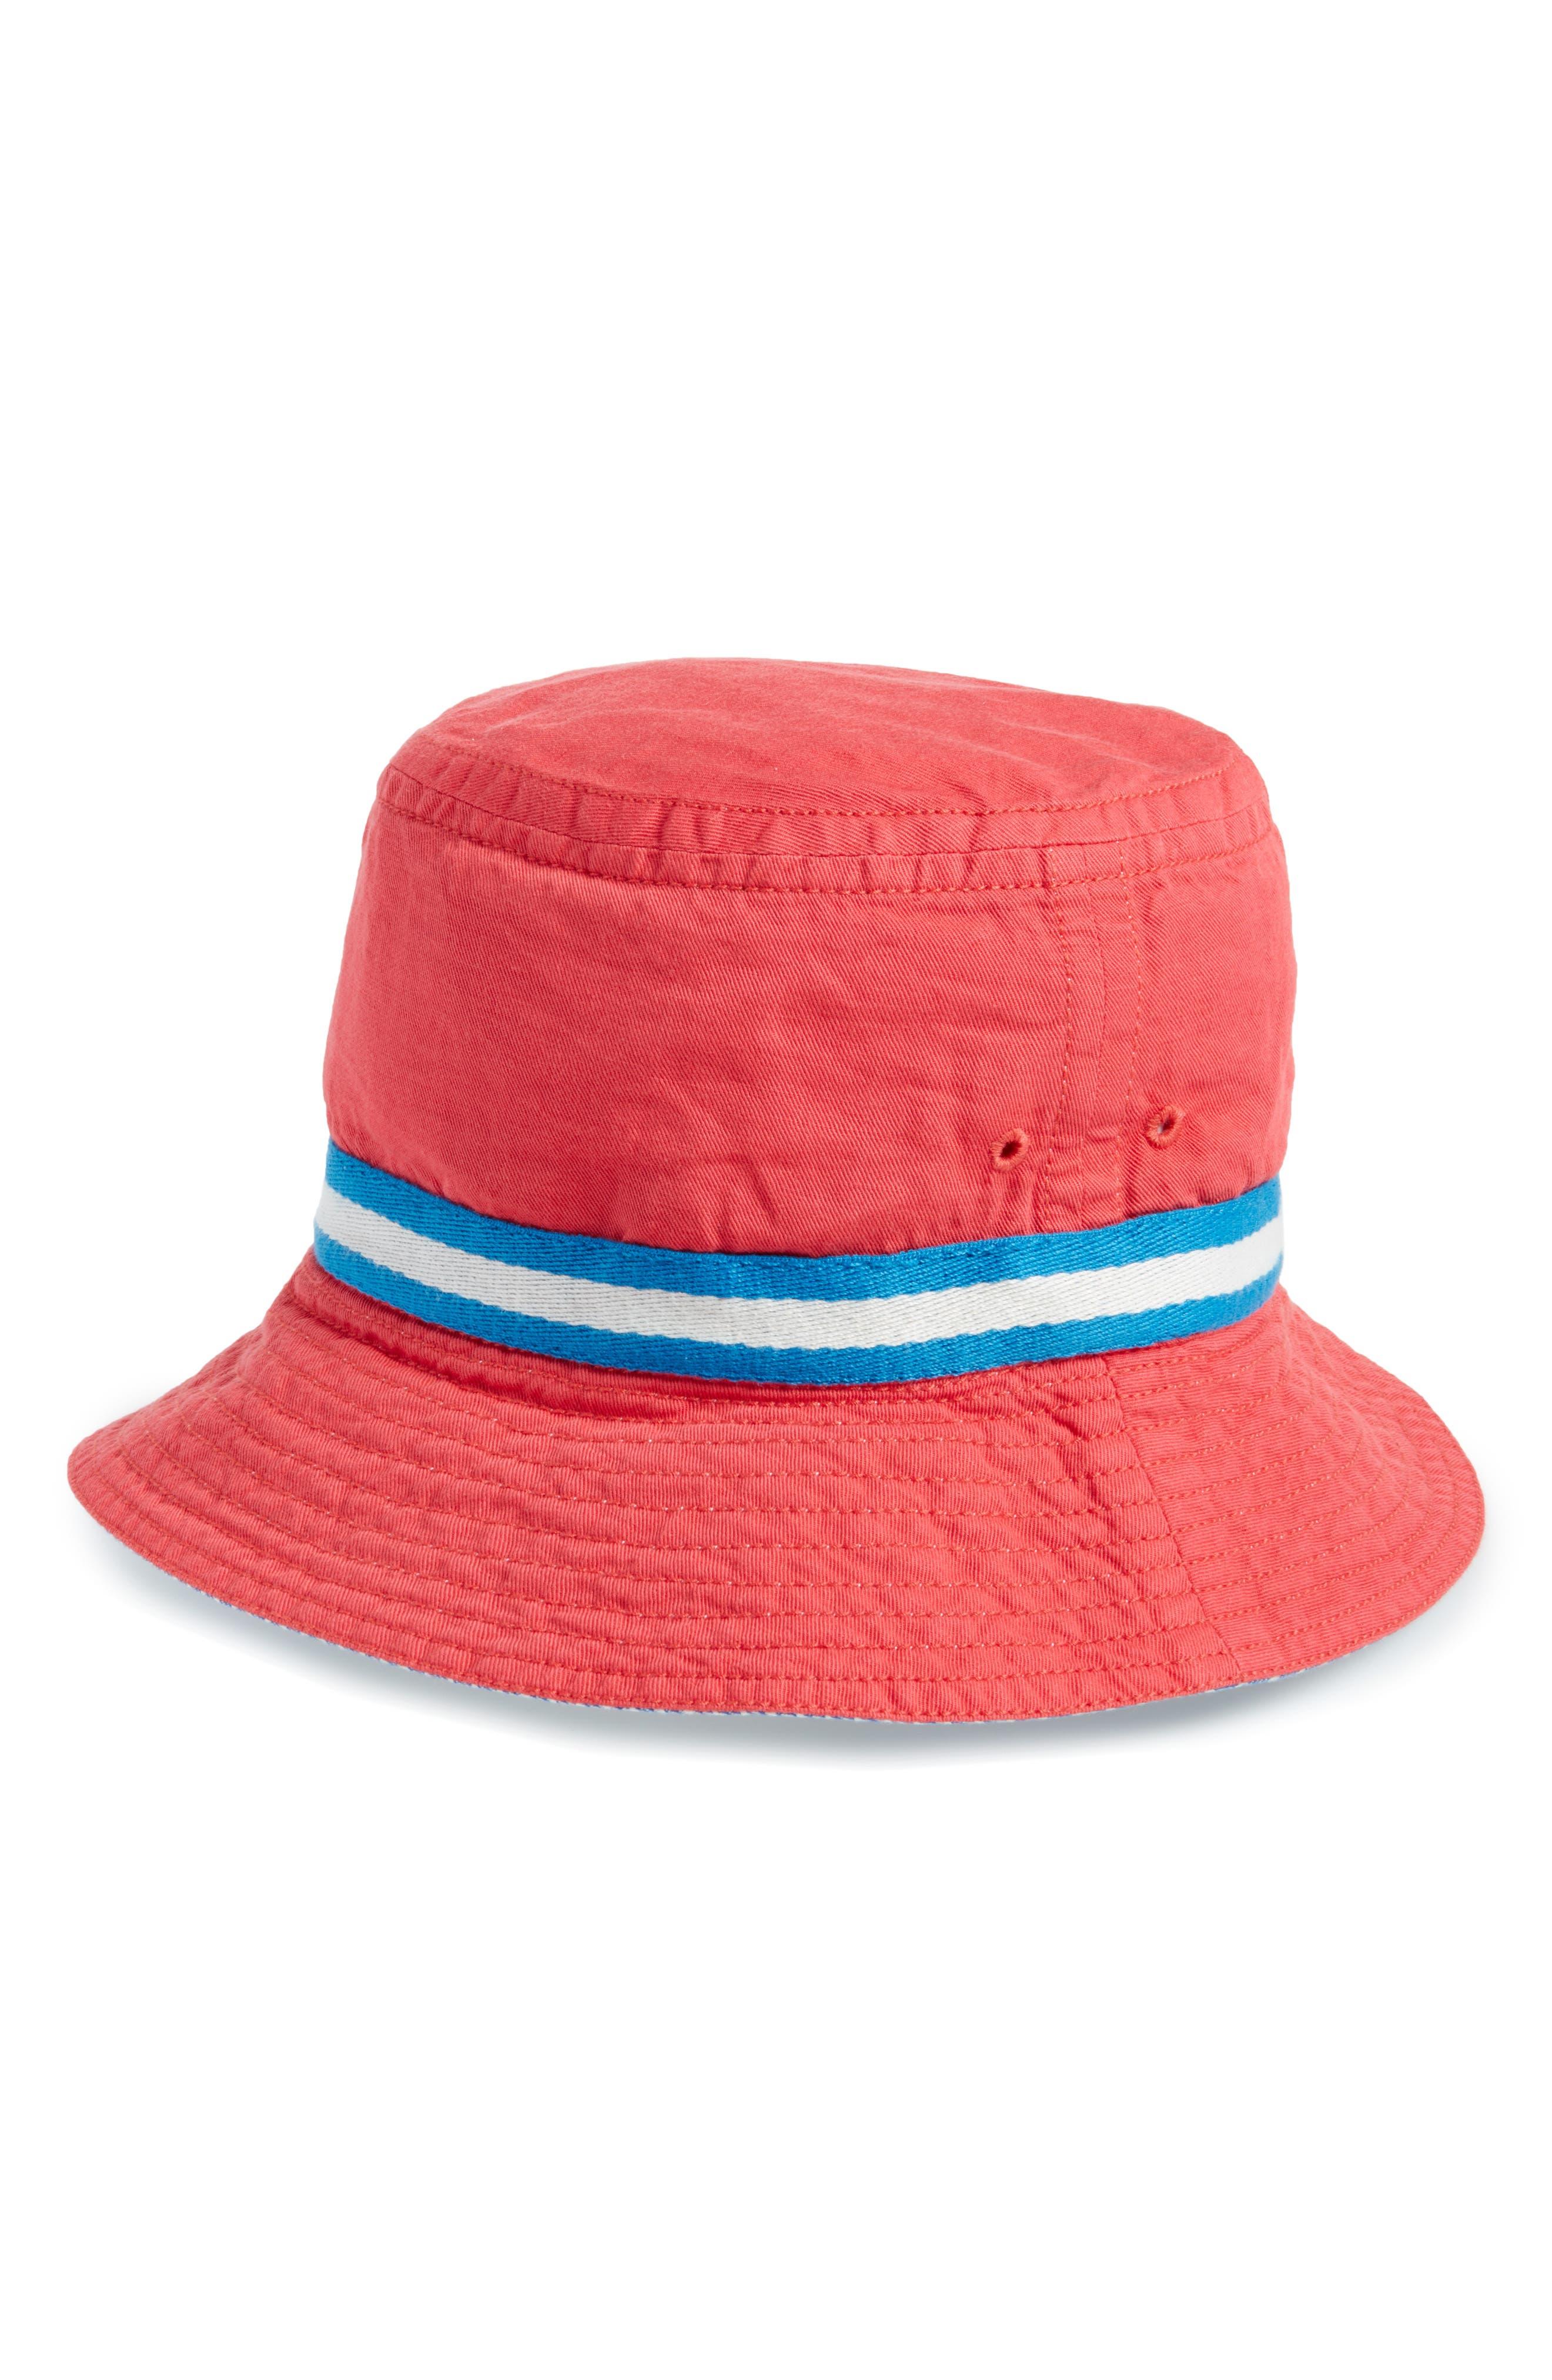 Fisherman's Hat,                             Main thumbnail 1, color,                             Jam Red